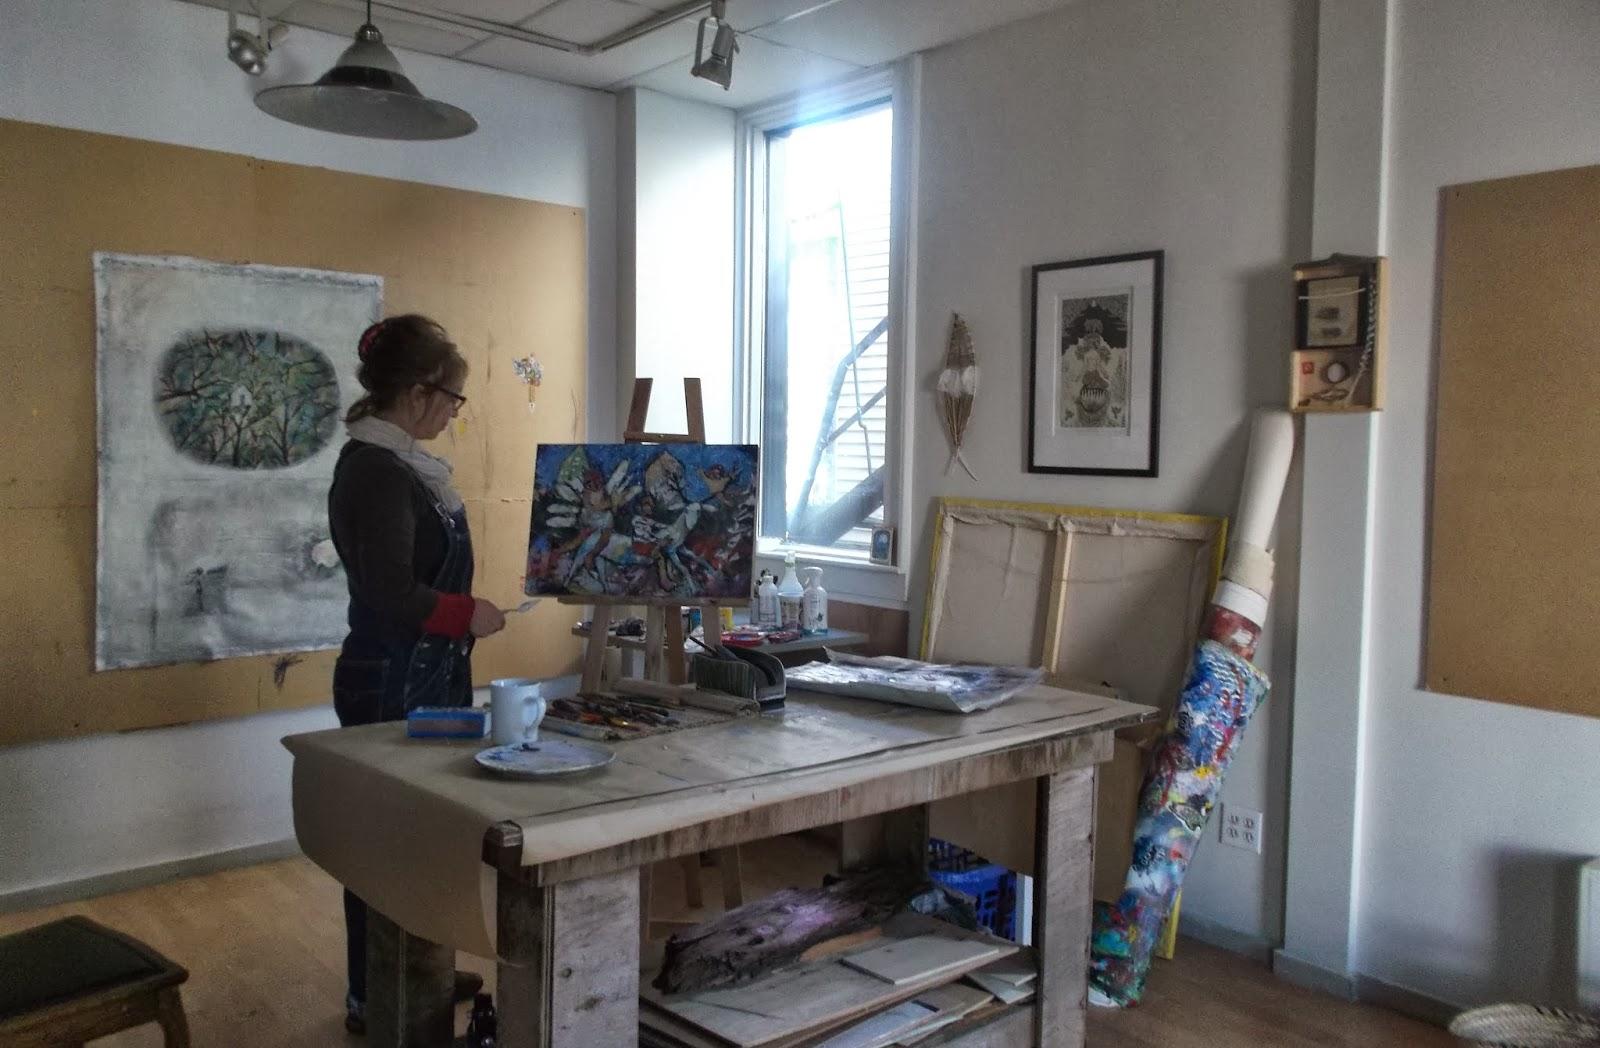 Le petit studio sutton espace a louer dans l 39 atelier d 39 artiste - Atelier d artiste a louer ...